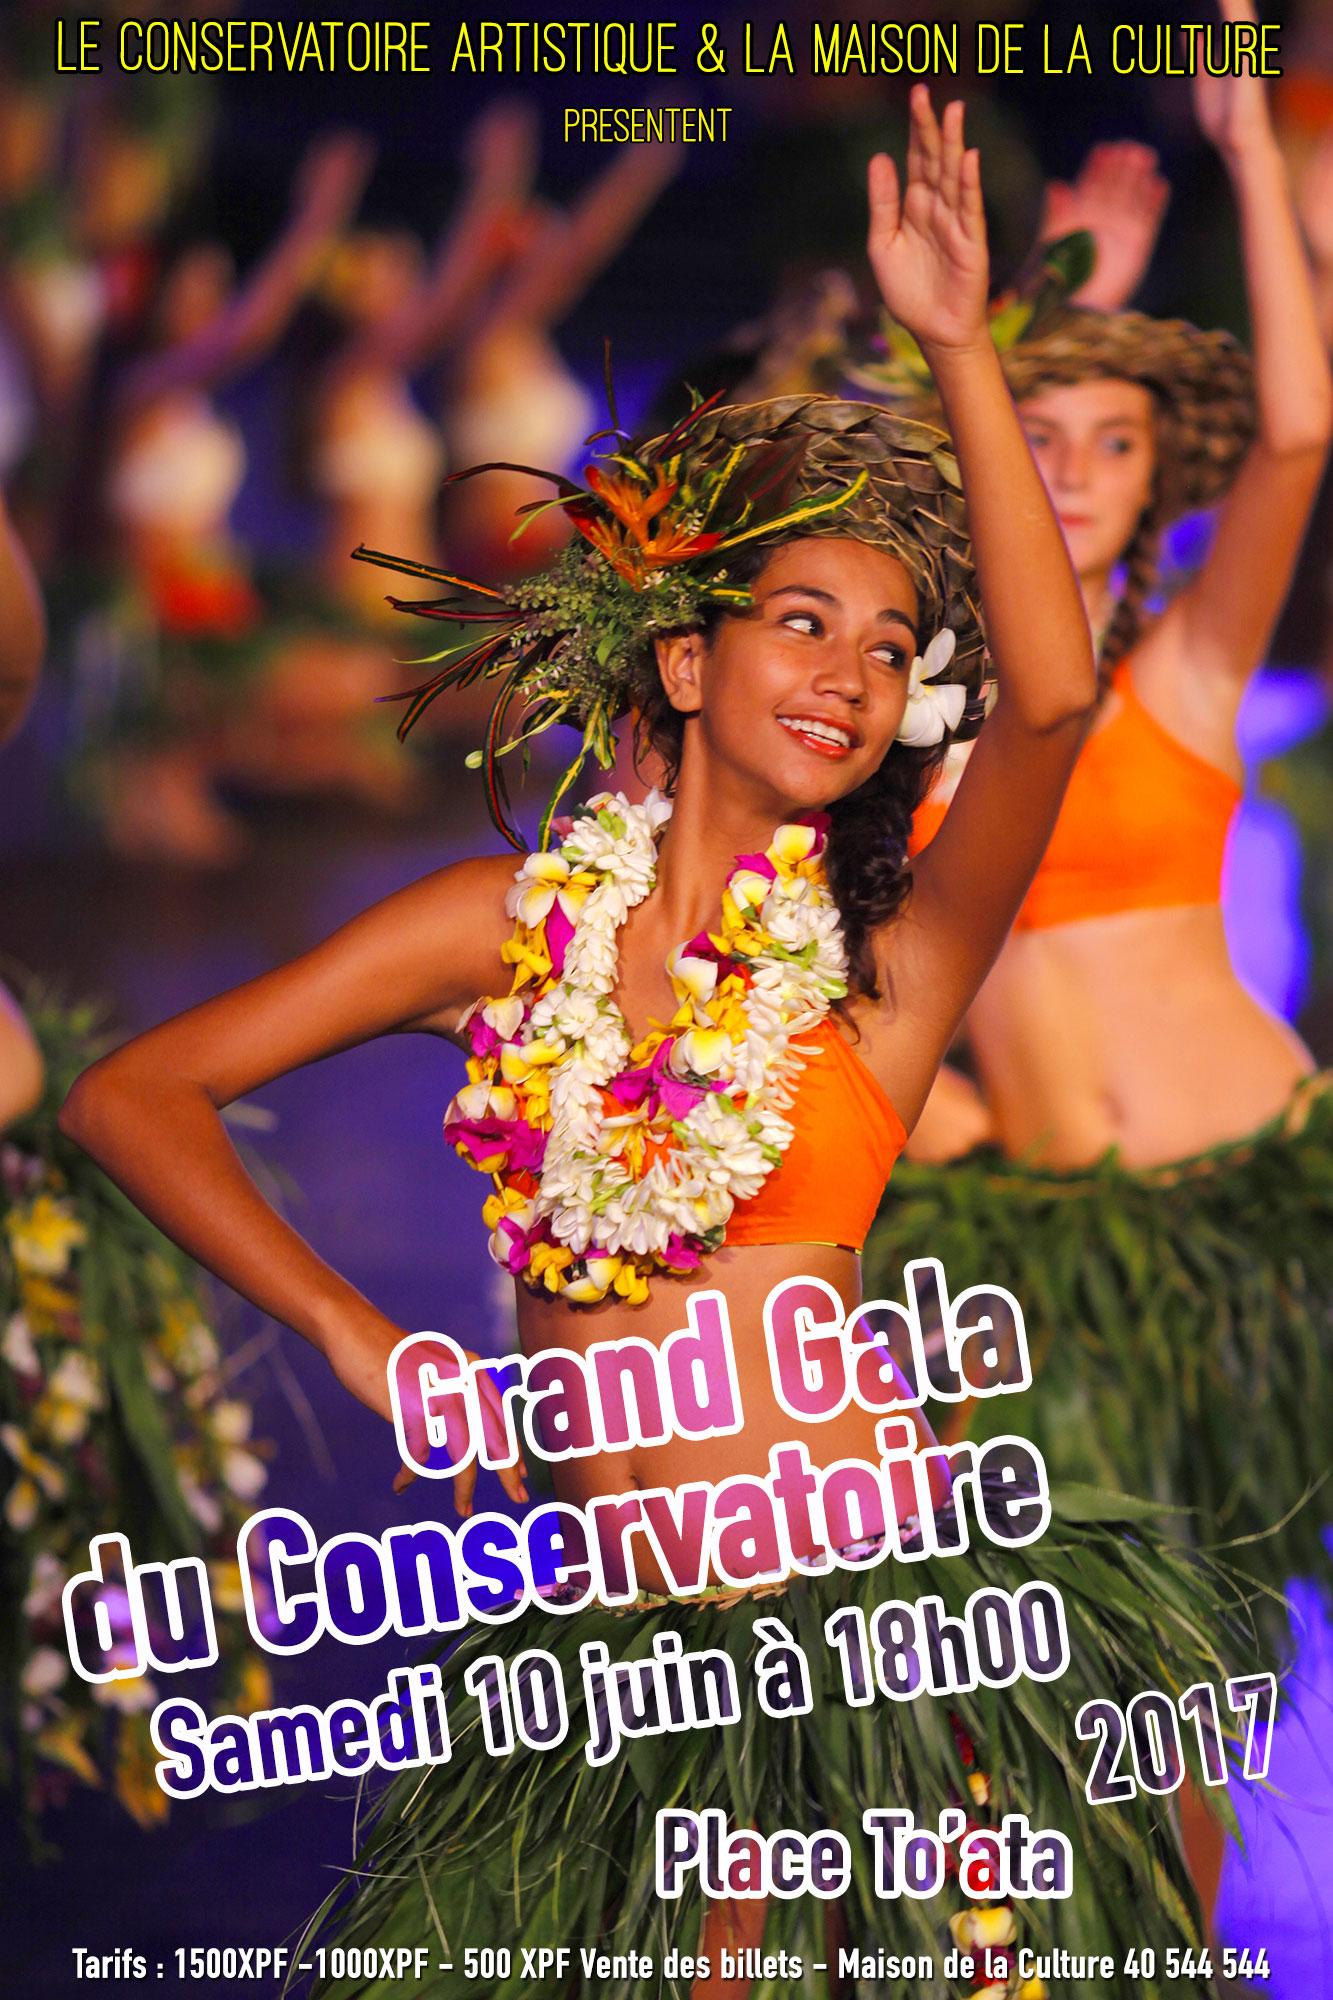 Gala du Conservatoire le 10 juin : une Nuit sous le signe de la transmission des savoirs